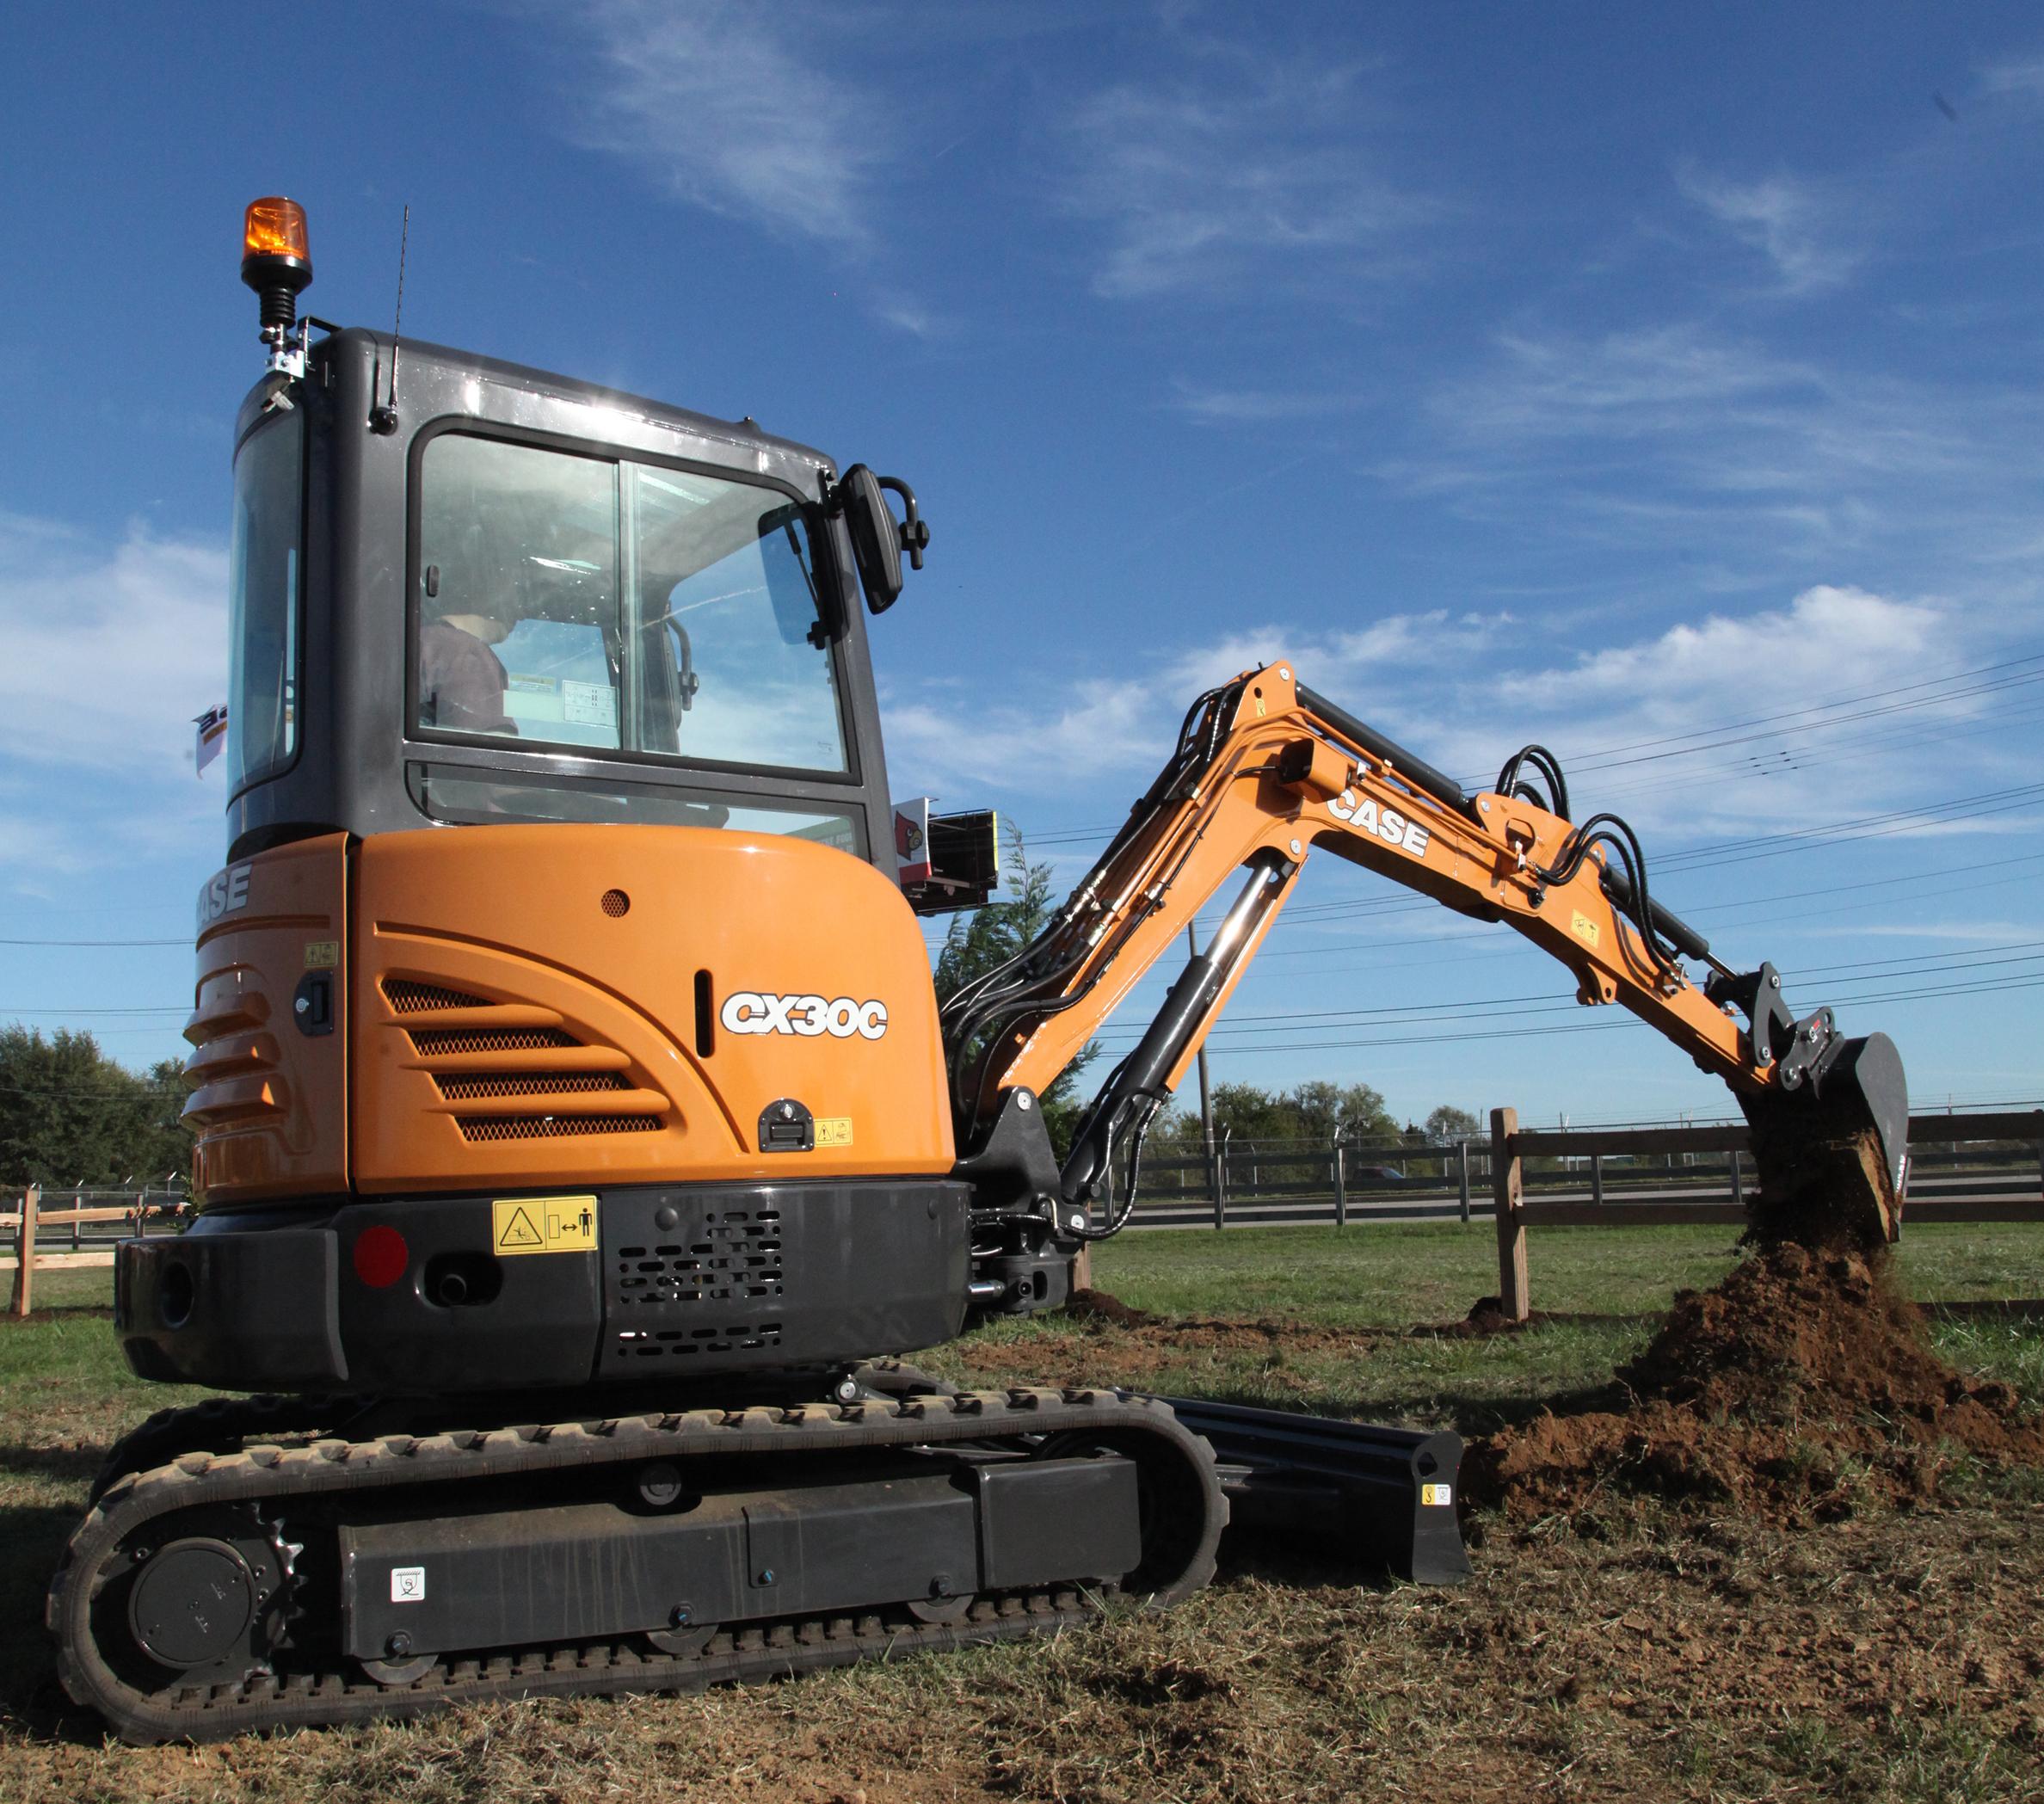 Case CX30C Excavator   Construction Equipment